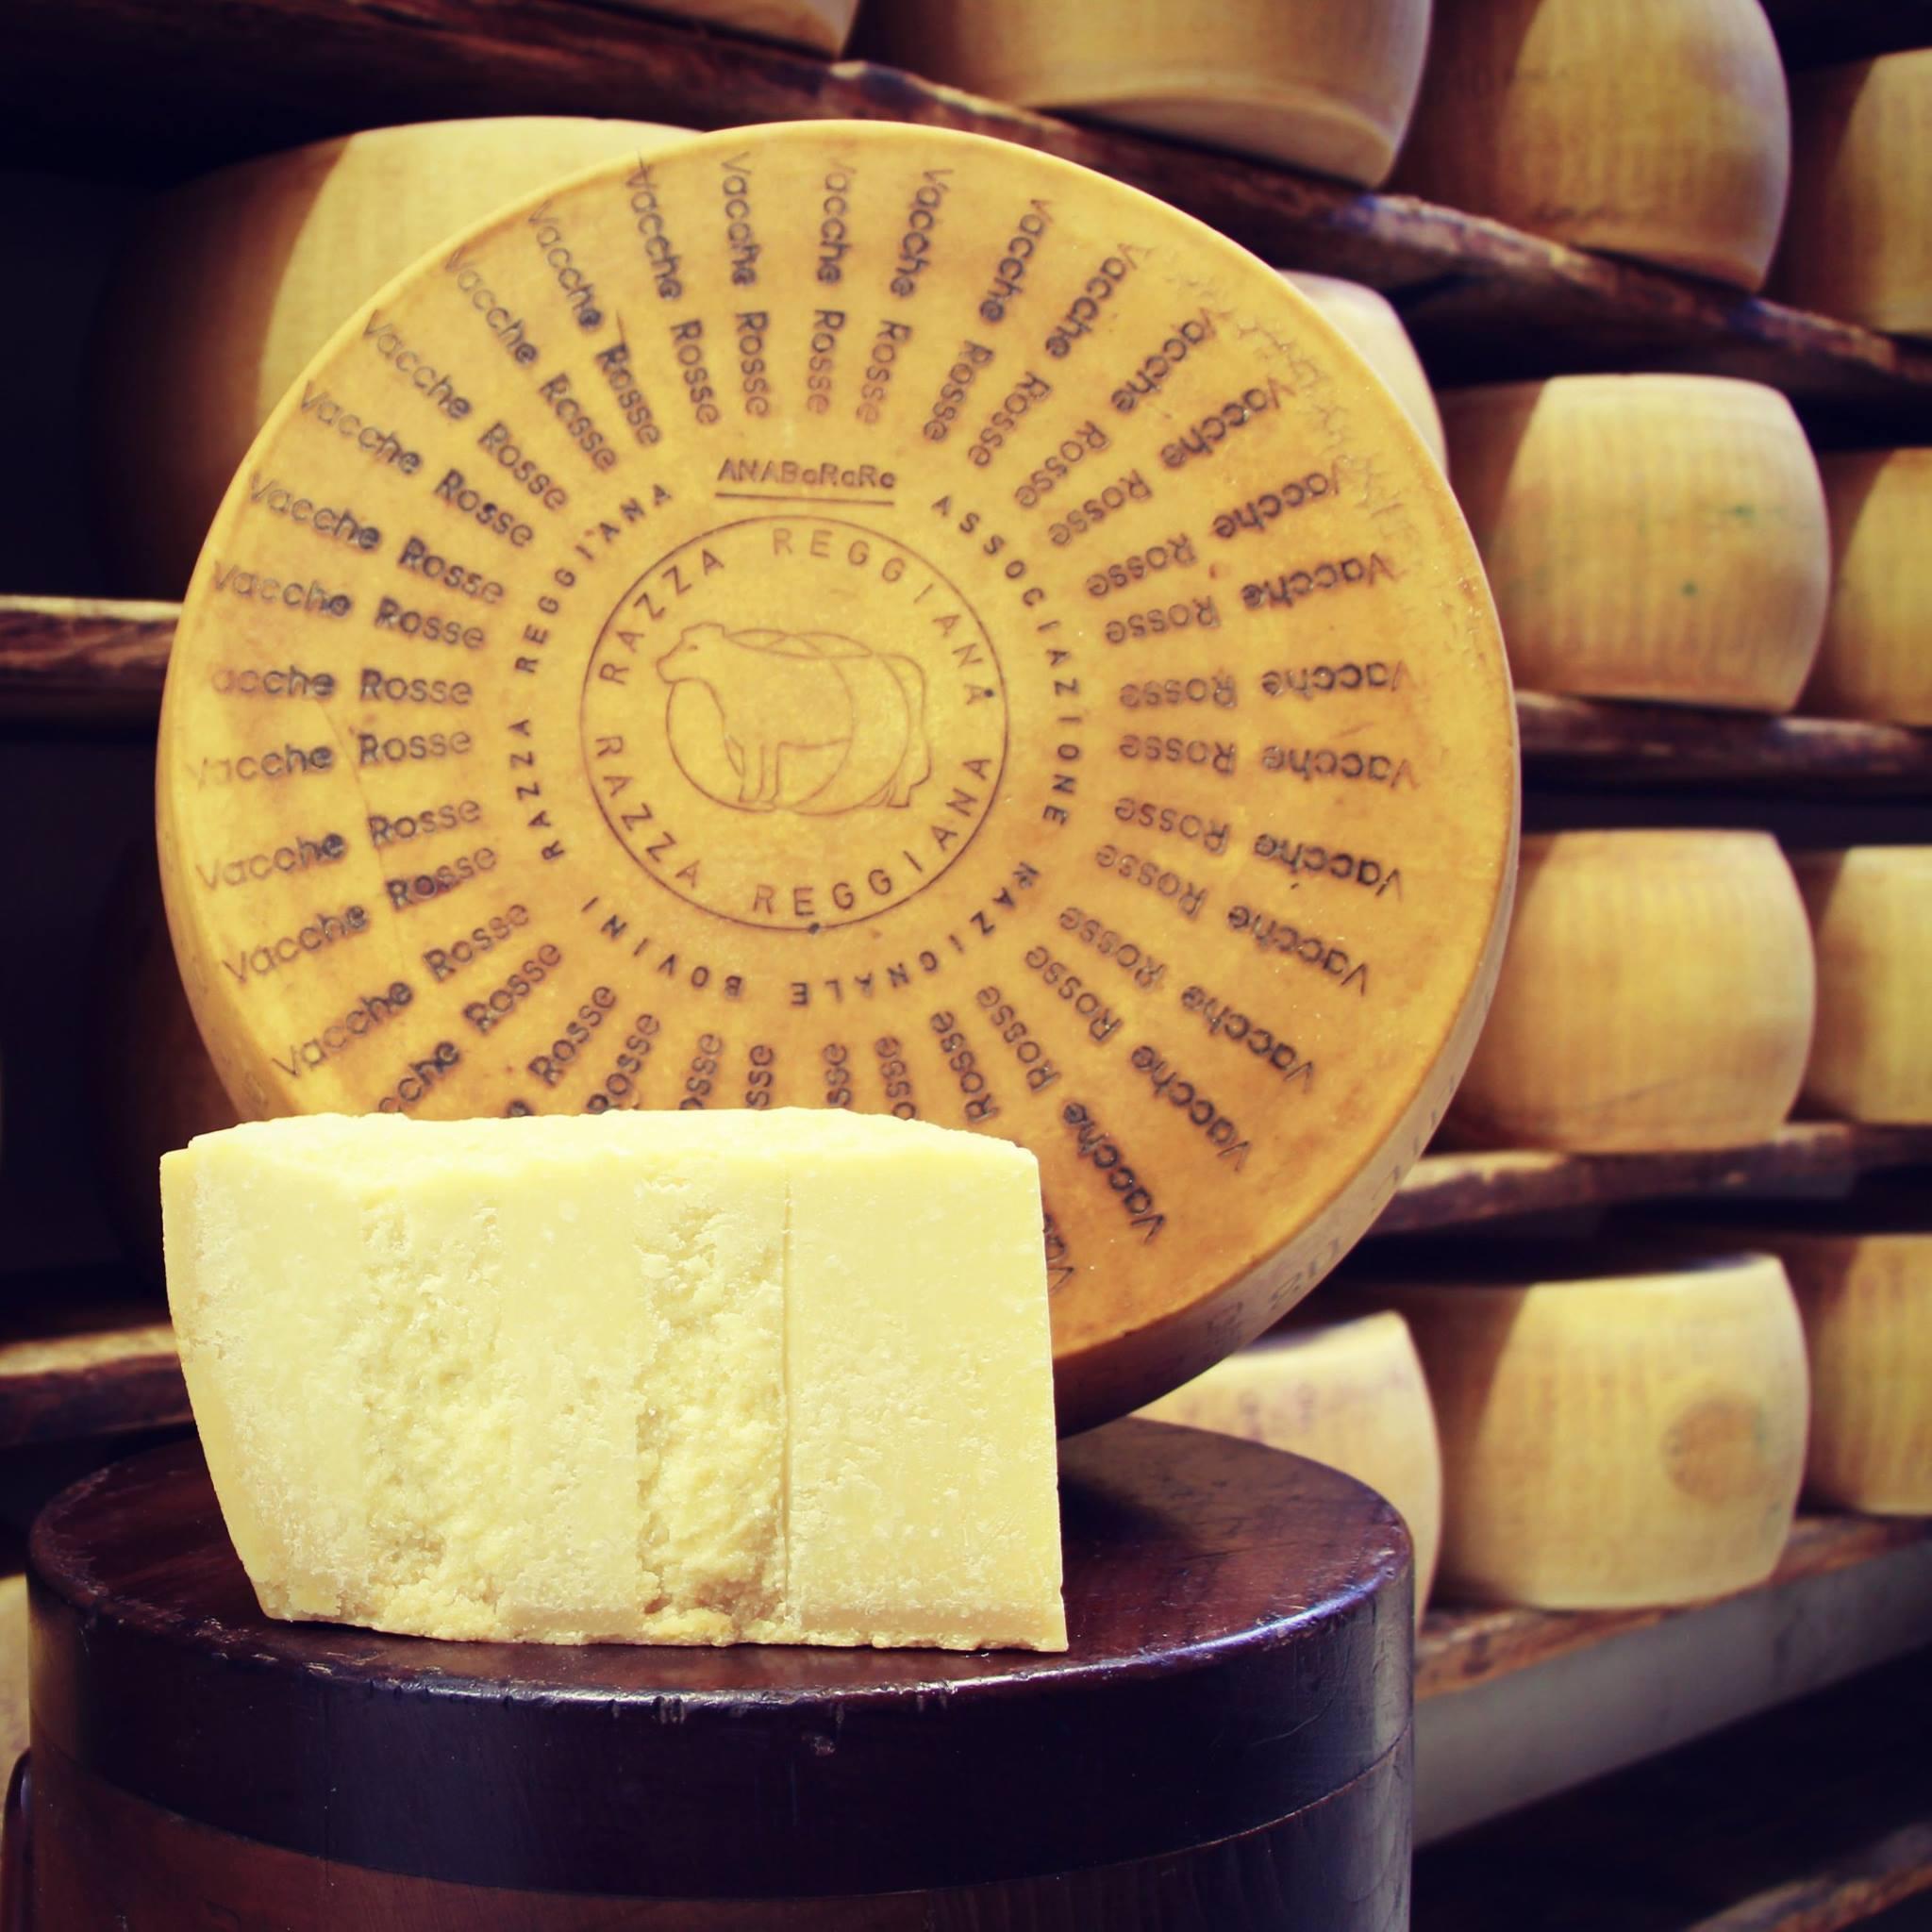 Parmigiano Reggiano Vacche Rosse - 24/30 mesi 0,50 / 0,55 Kg.